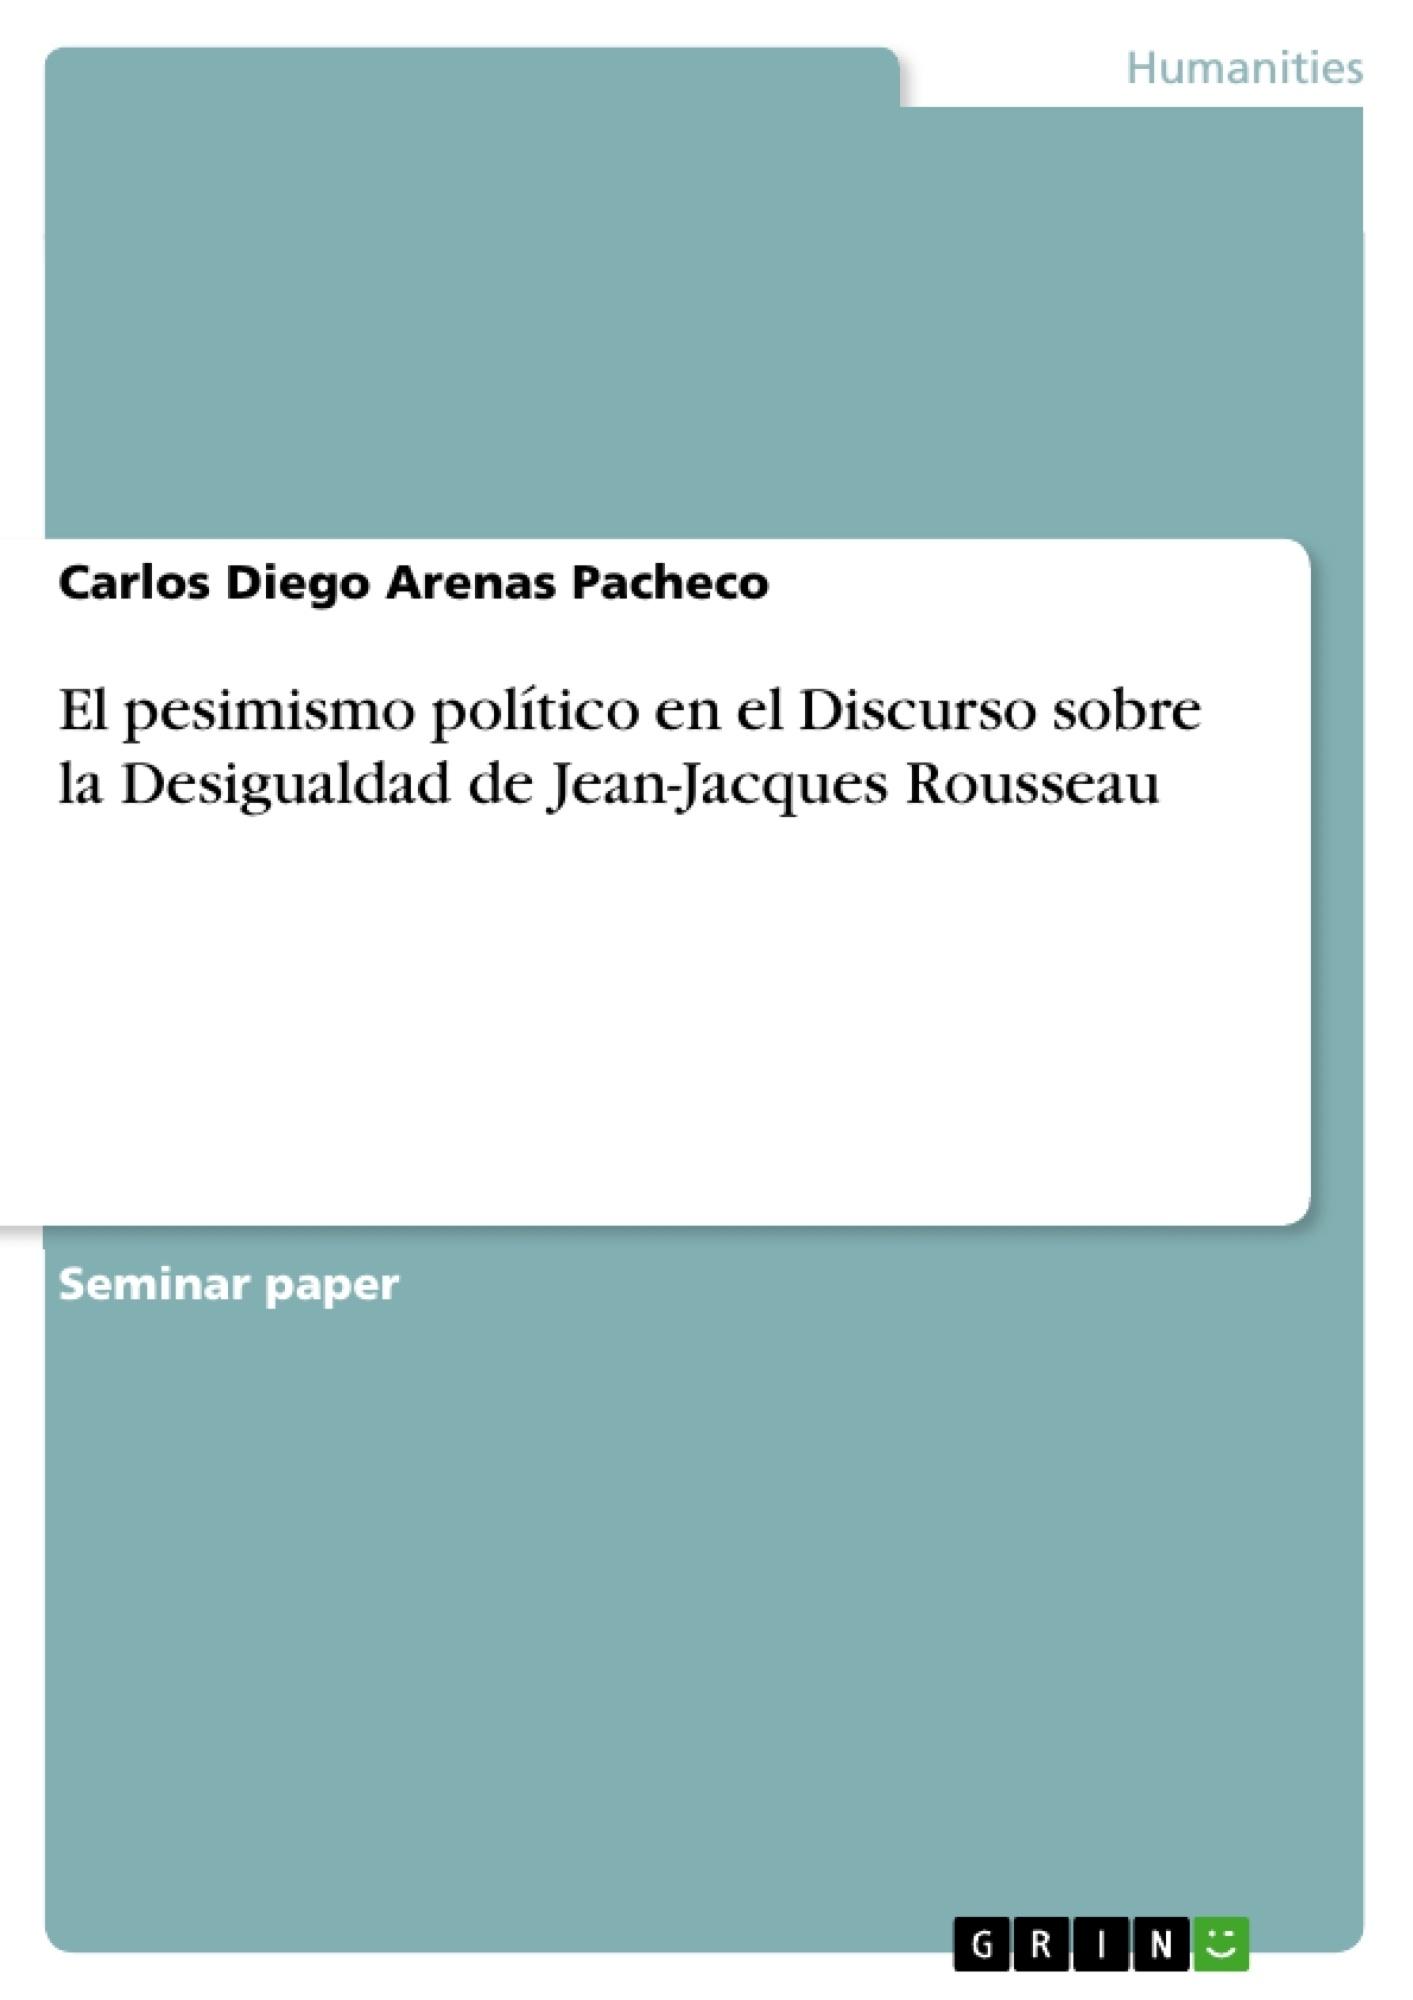 Título: El pesimismo político en el Discurso sobre la Desigualdad de Jean-Jacques Rousseau